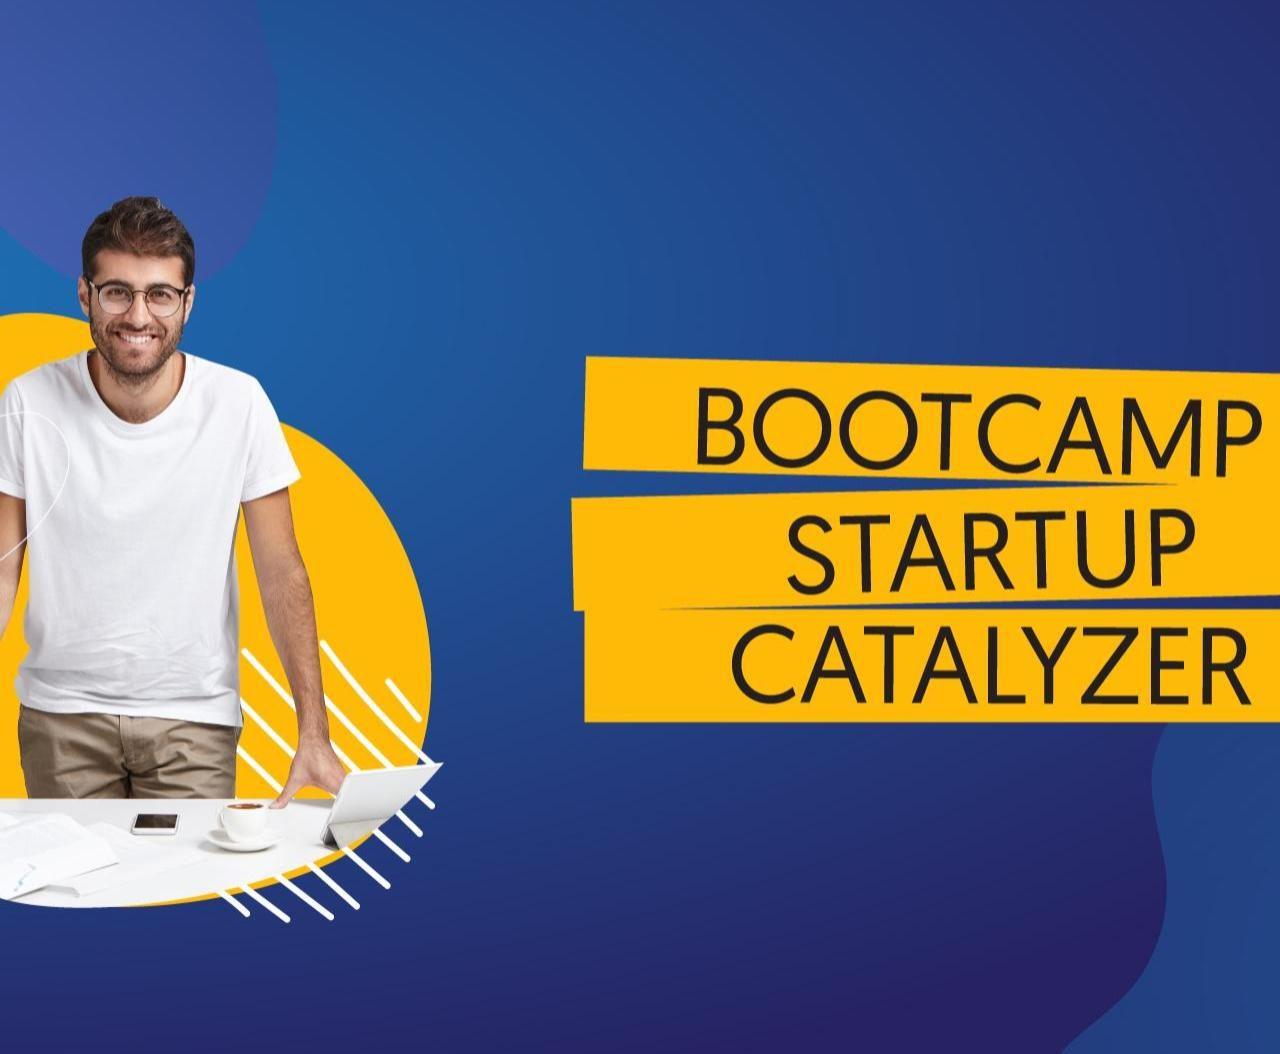 Abren convocatoria para participar en el Bootcamp Startup Catalyzer